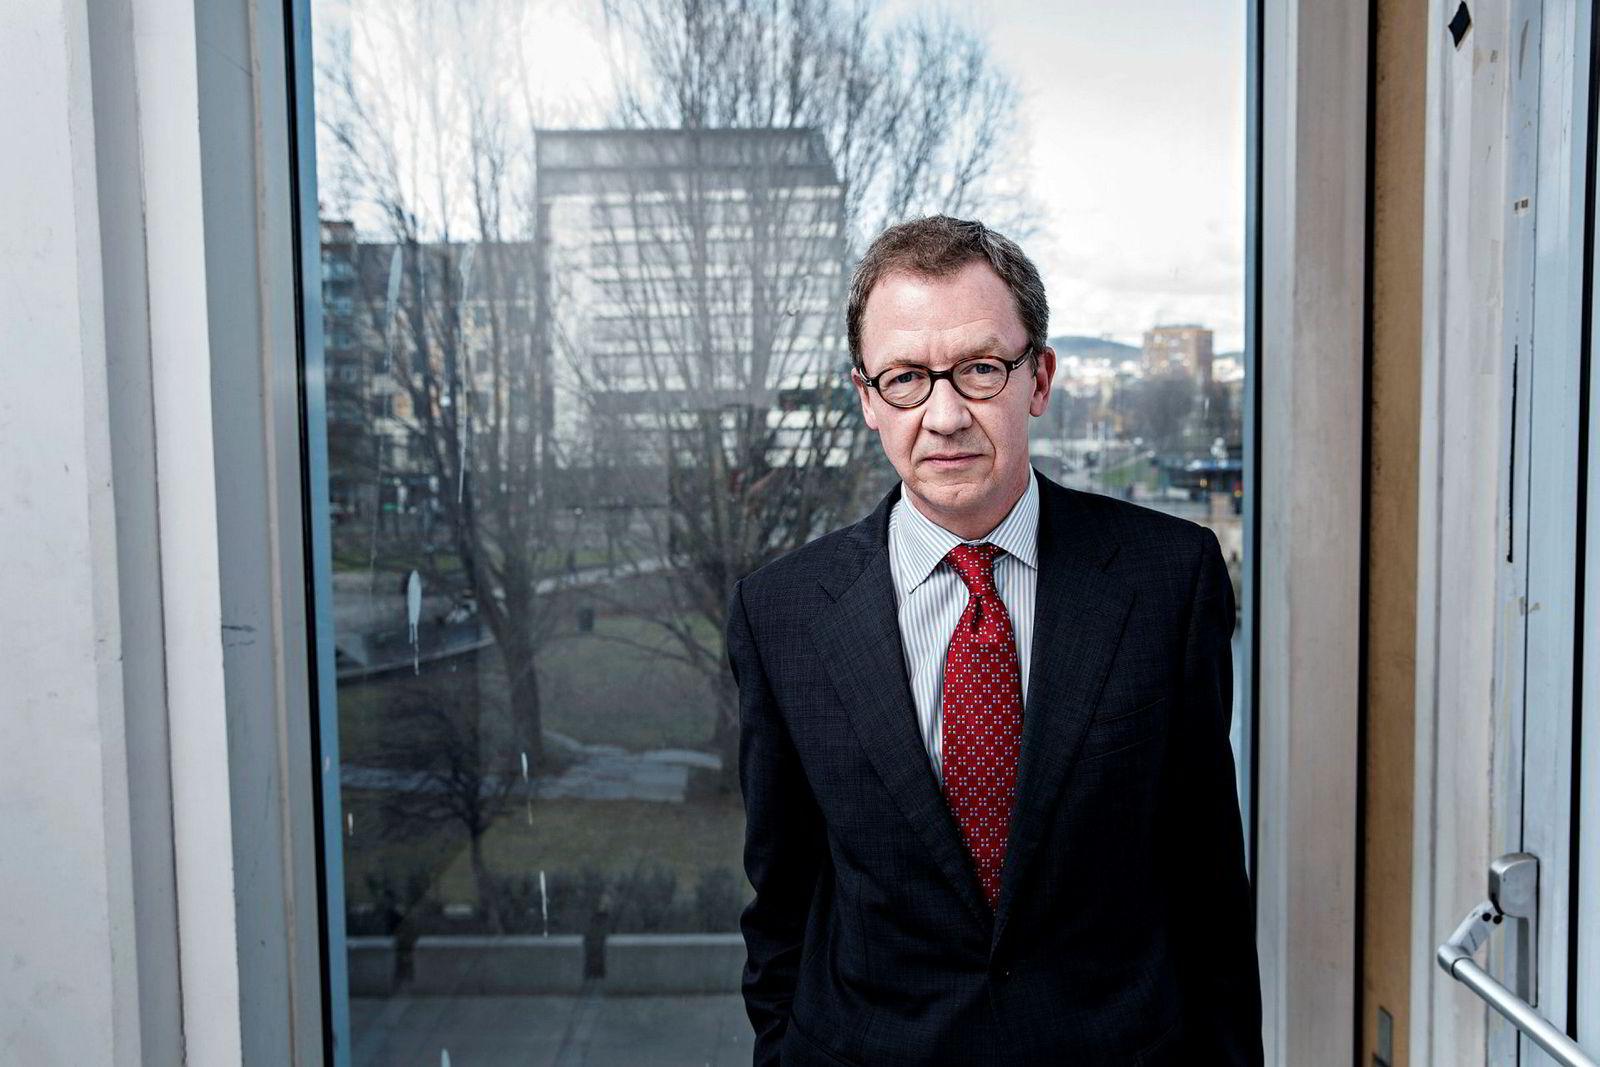 Idar Kreutzer, administrerende direktør i Finans Norge, håper Metoo-historiene gjør at det blir lettere å varsle, også fordi det er en påminnelse til ledere om at det er deres ansvar å forebygge og håndtere slike saker på en god måte.